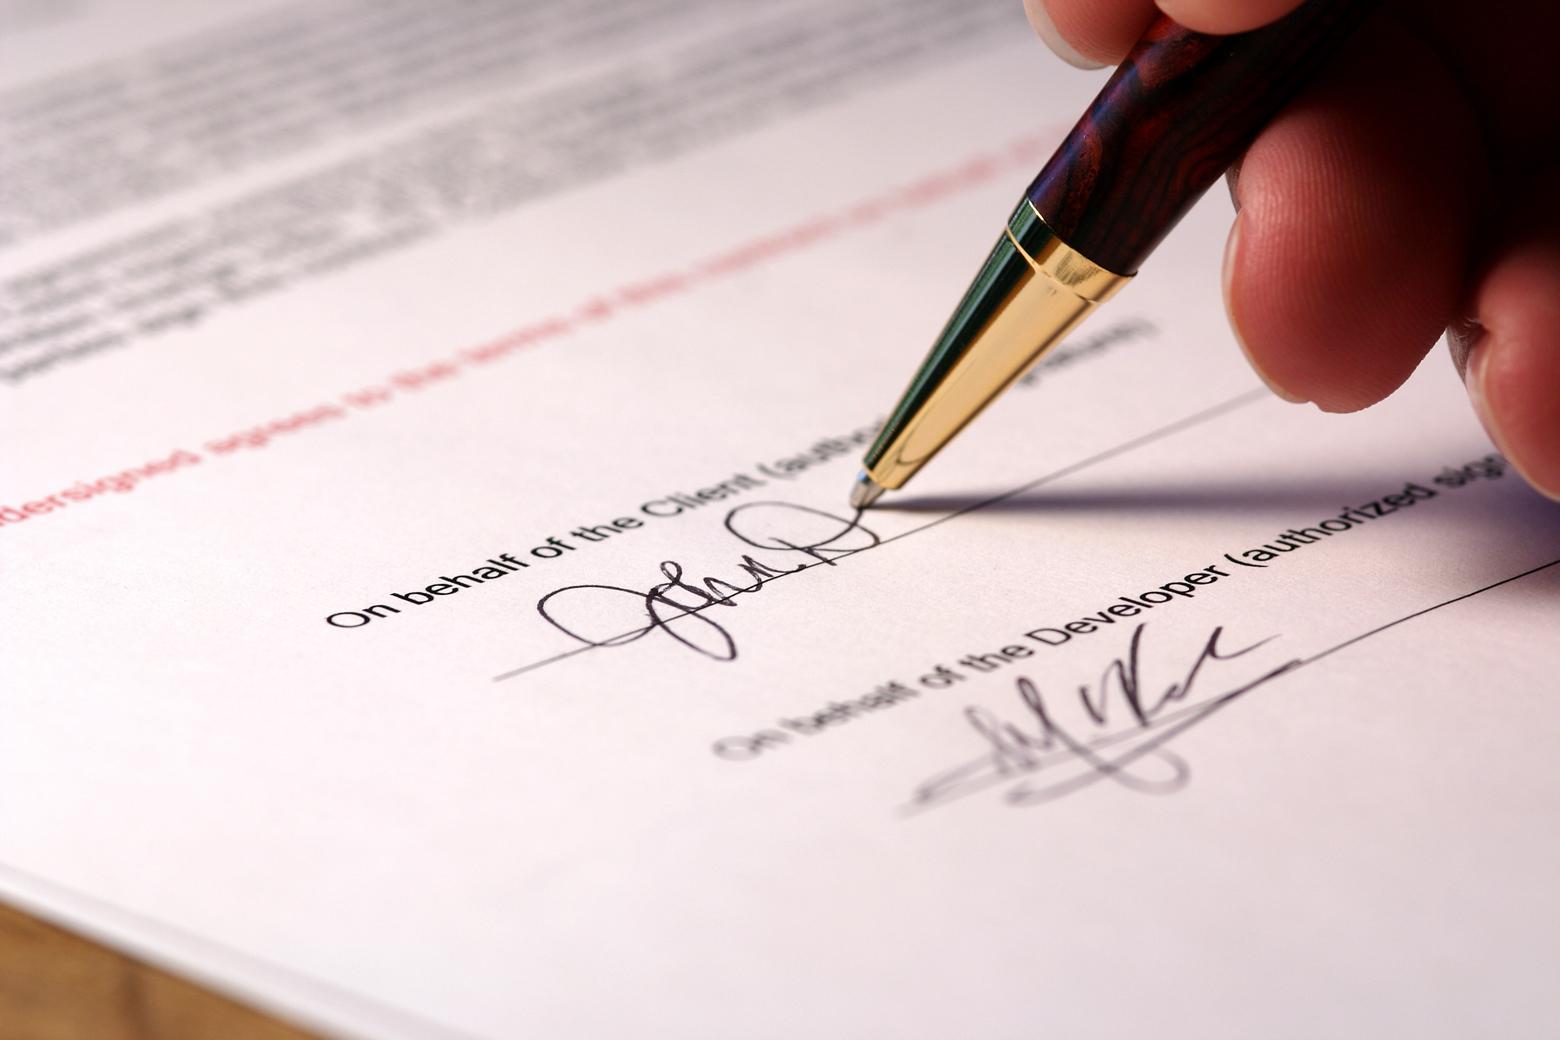 Что грозит за подделку подписи?